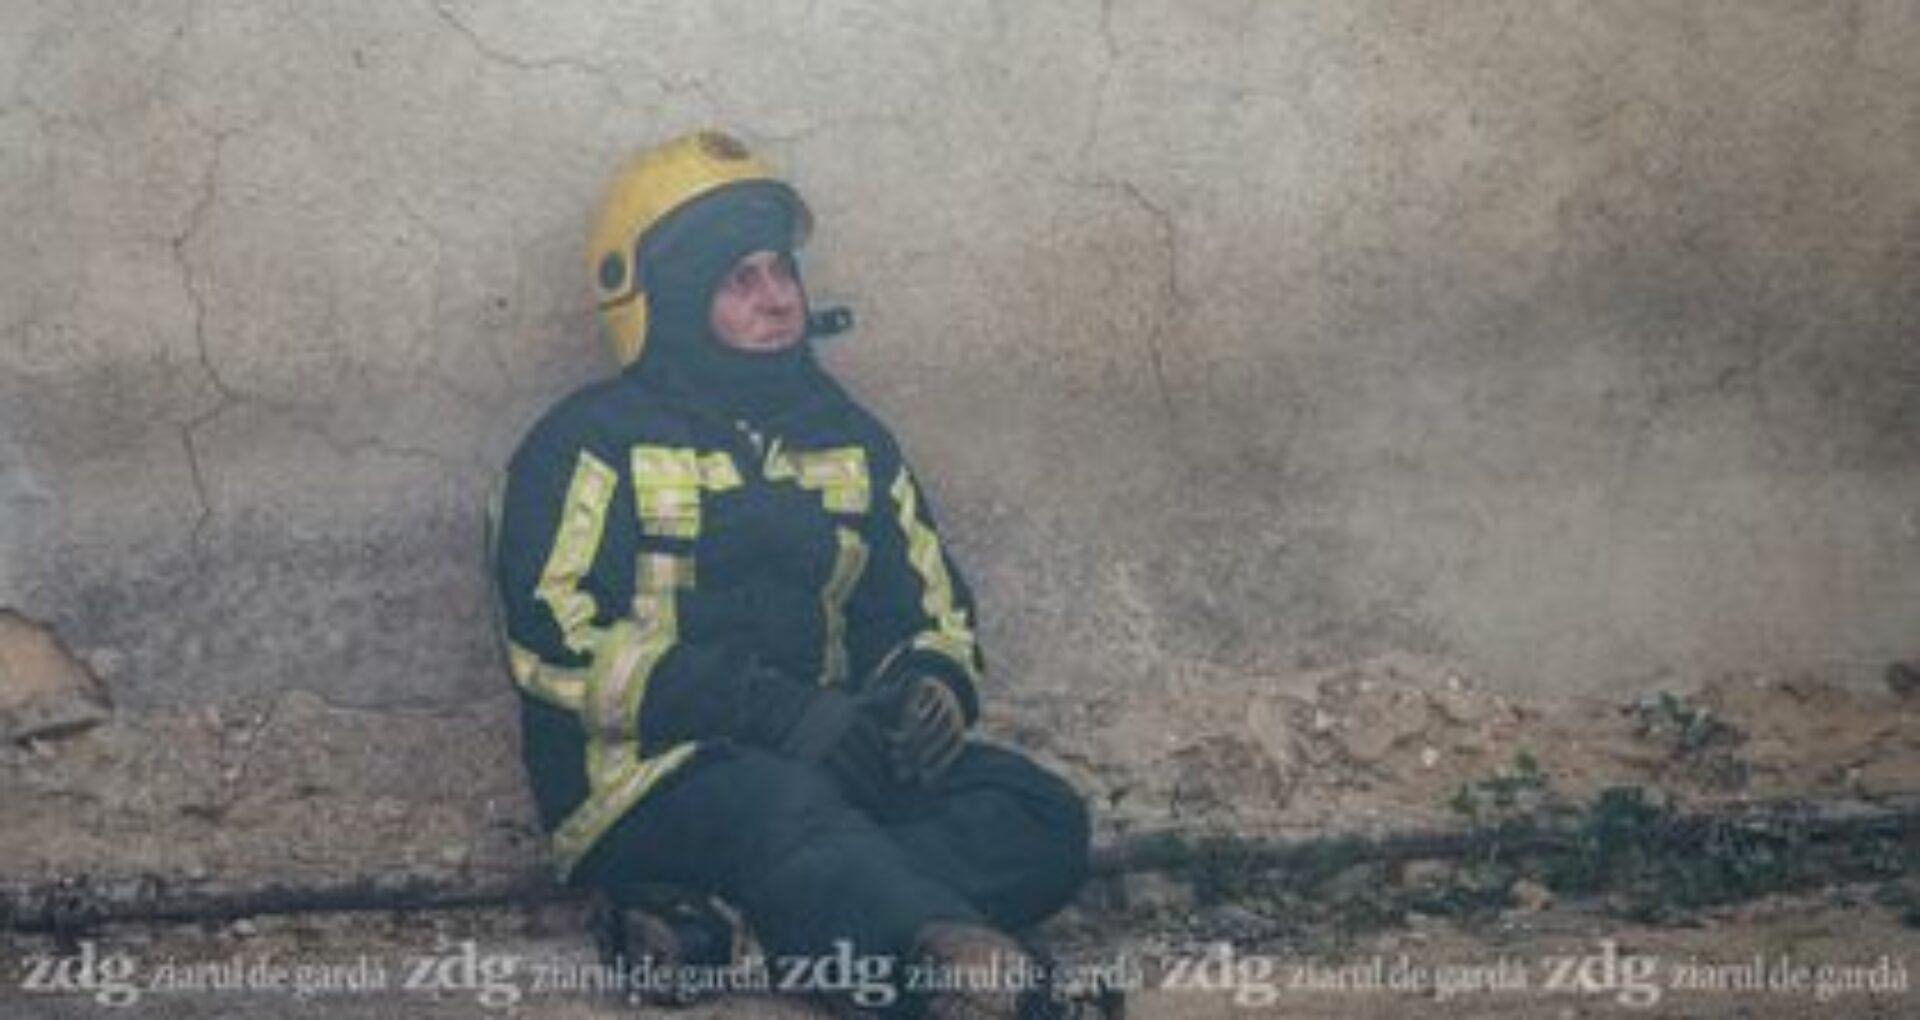 Ultimele detalii despre intervenția pompierilor la Filarmonica Națională: 56 de angajați ai IGSU lucrează și acum